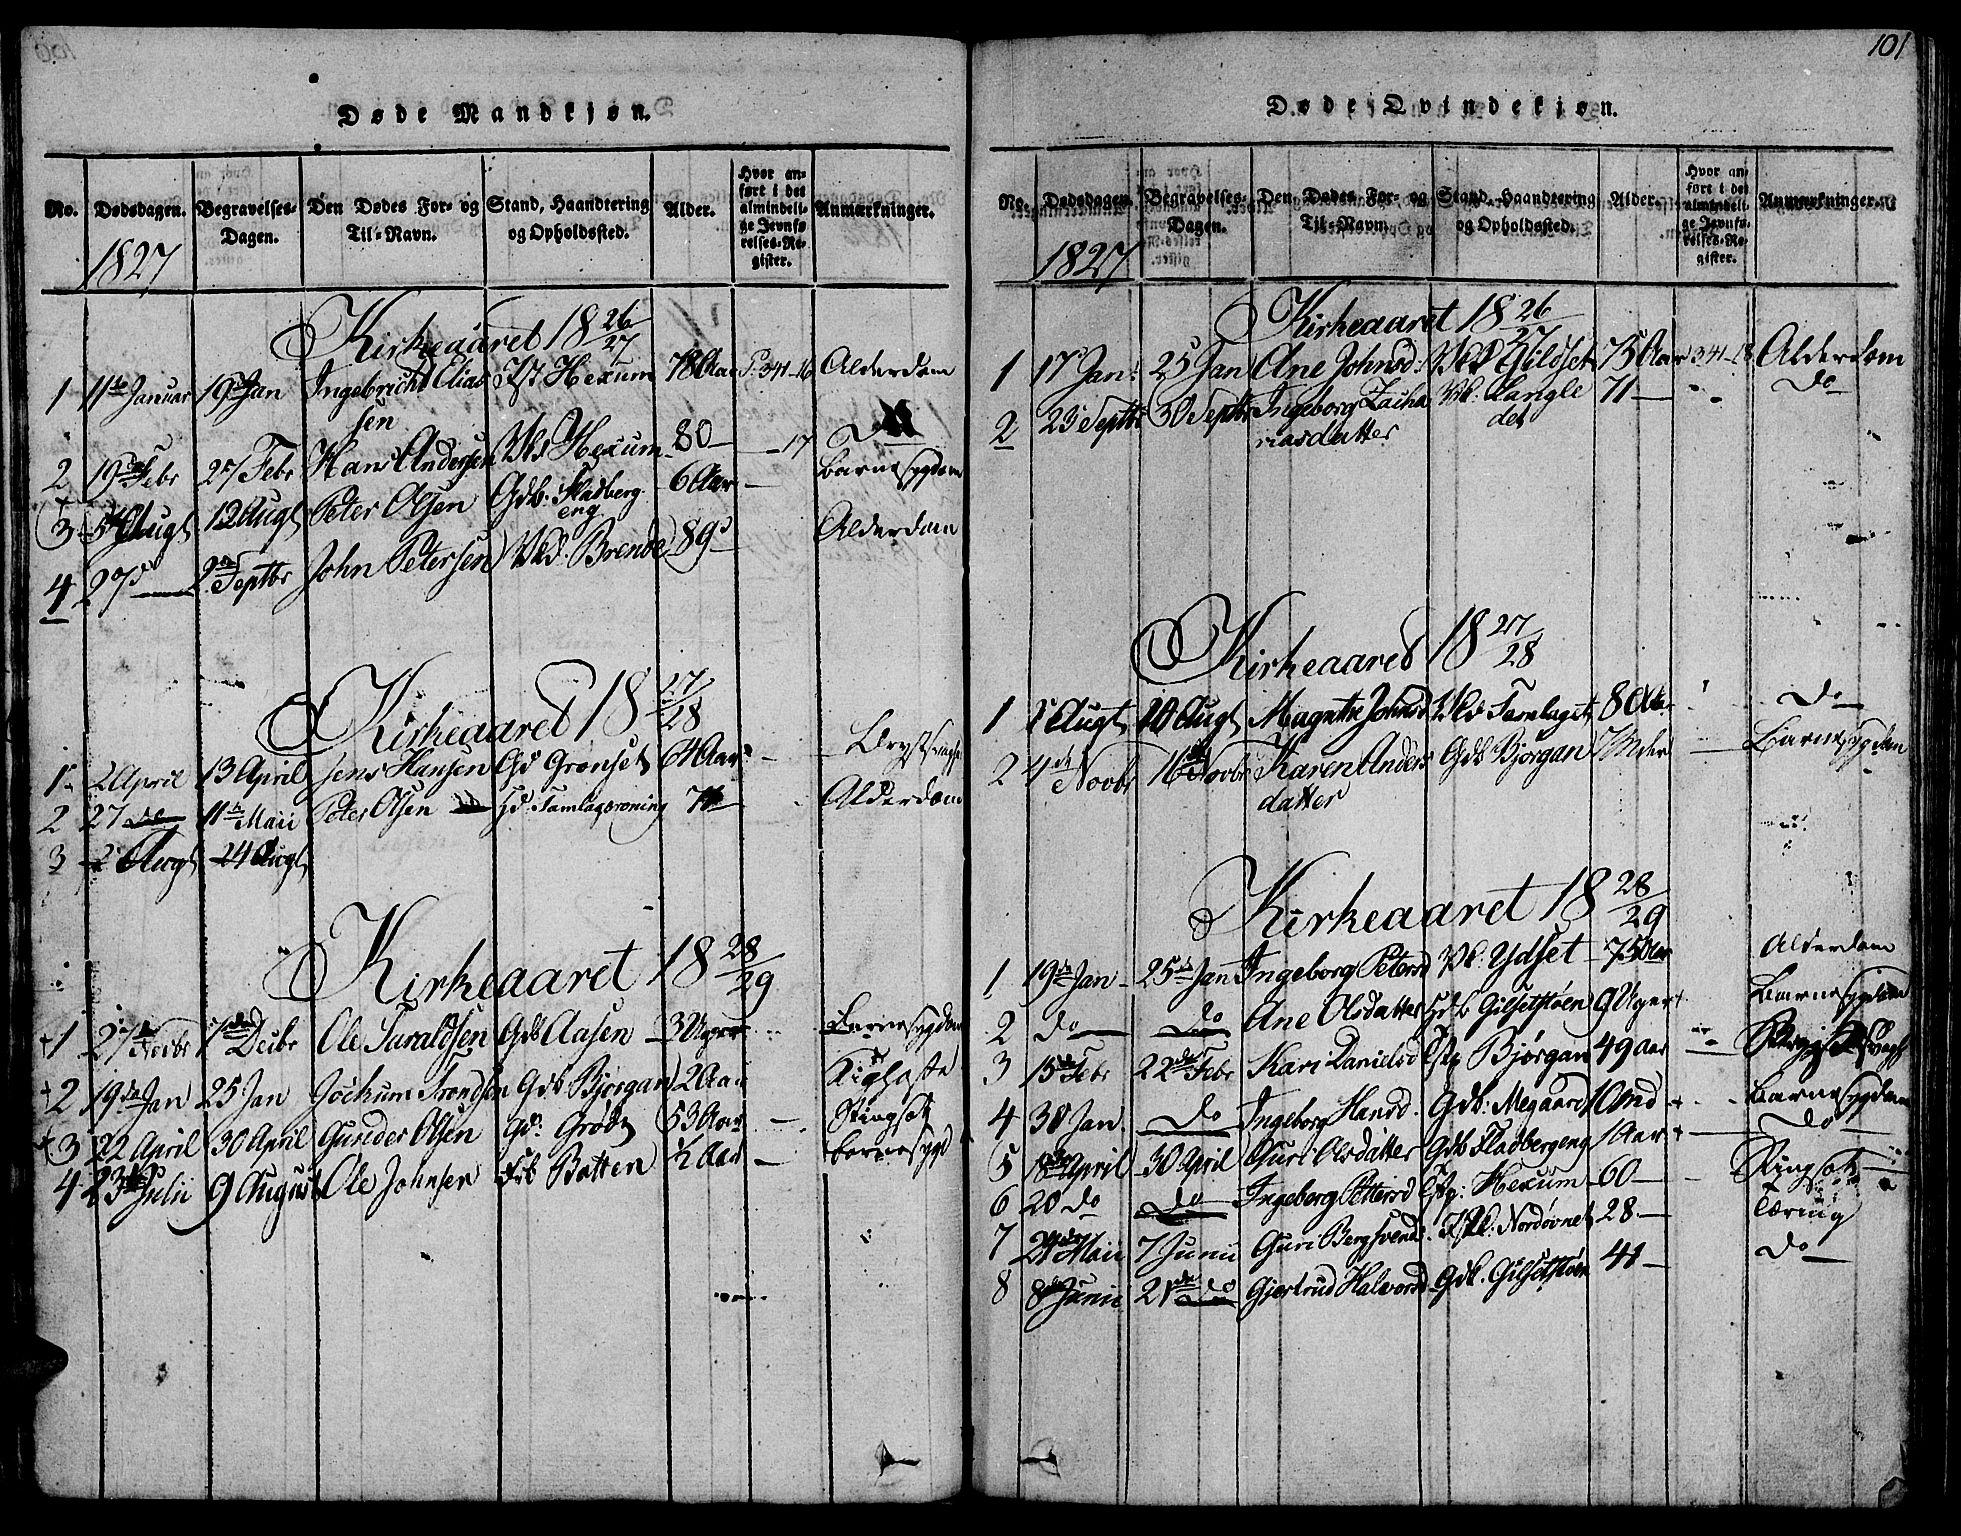 SAT, Ministerialprotokoller, klokkerbøker og fødselsregistre - Sør-Trøndelag, 685/L0954: Ministerialbok nr. 685A03 /1, 1817-1829, s. 101